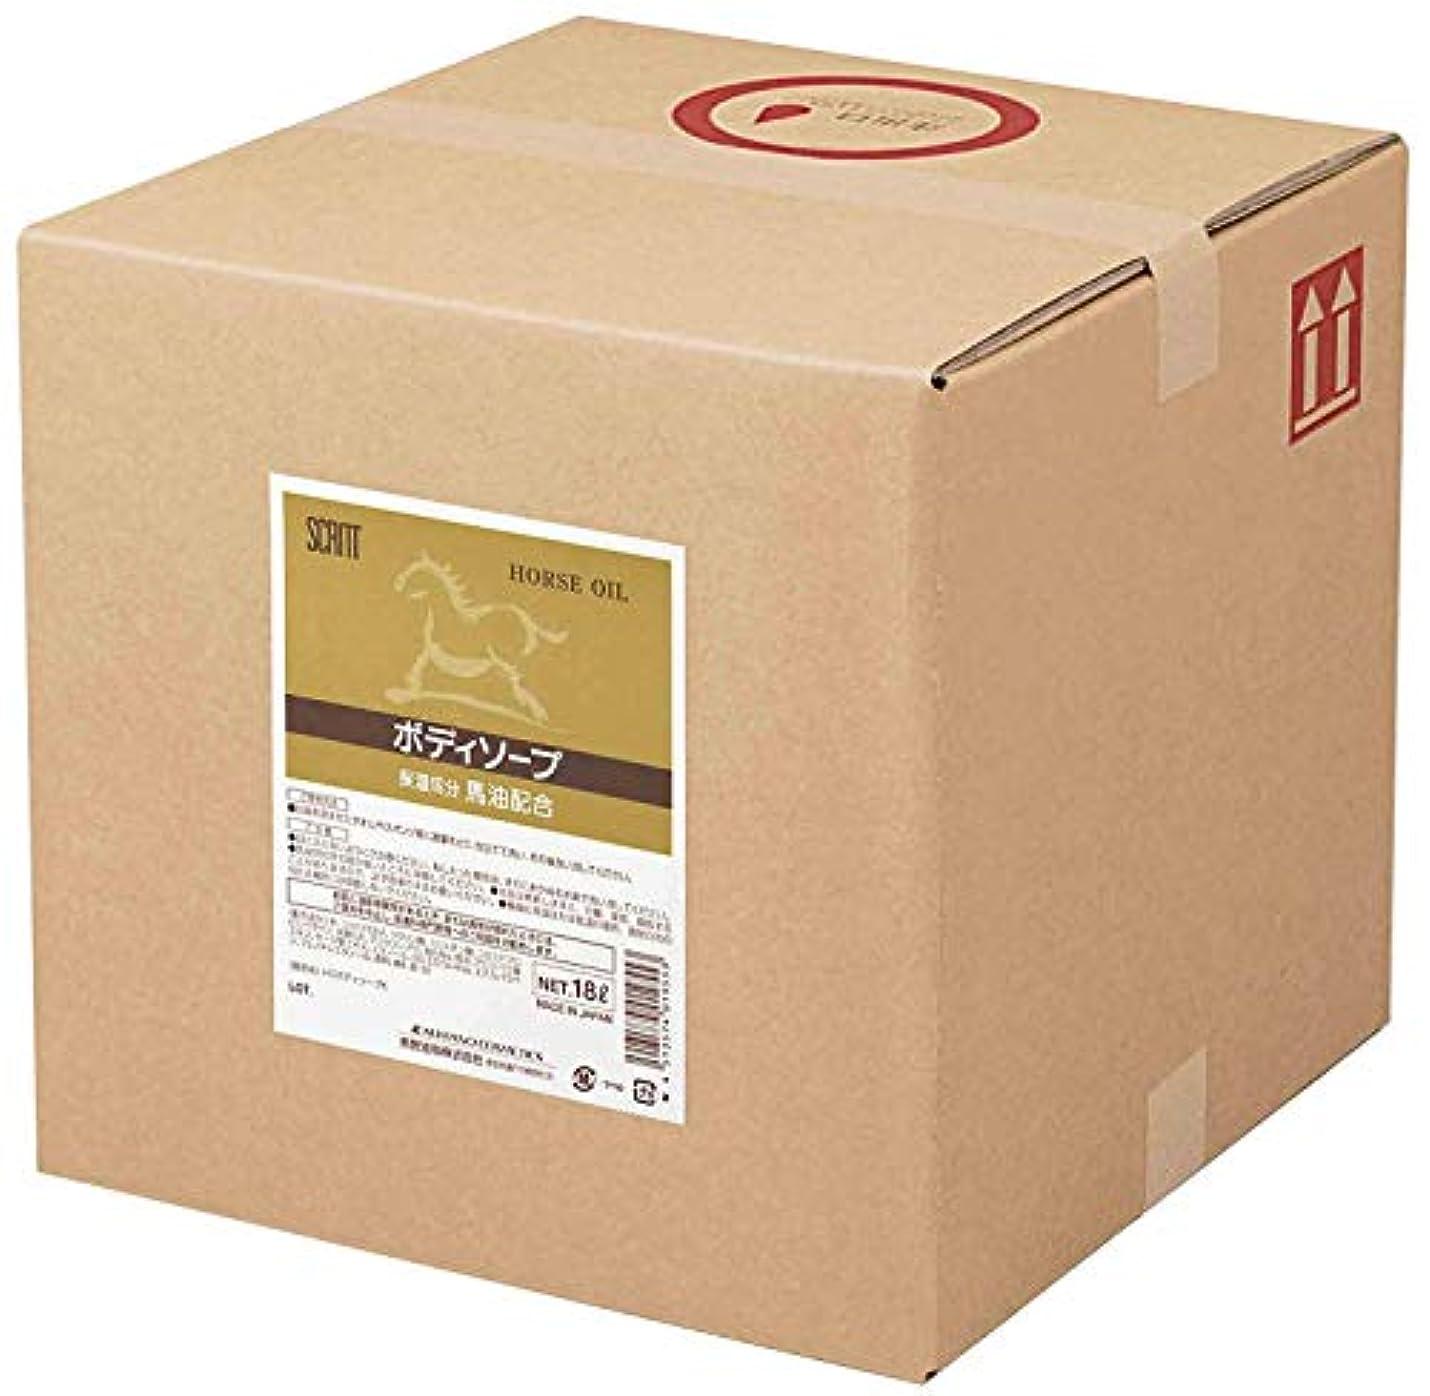 スモッグ北方パニック業務用 SCRITT(スクリット) 馬油ボディソープ 18L 熊野油脂 (コック付き)